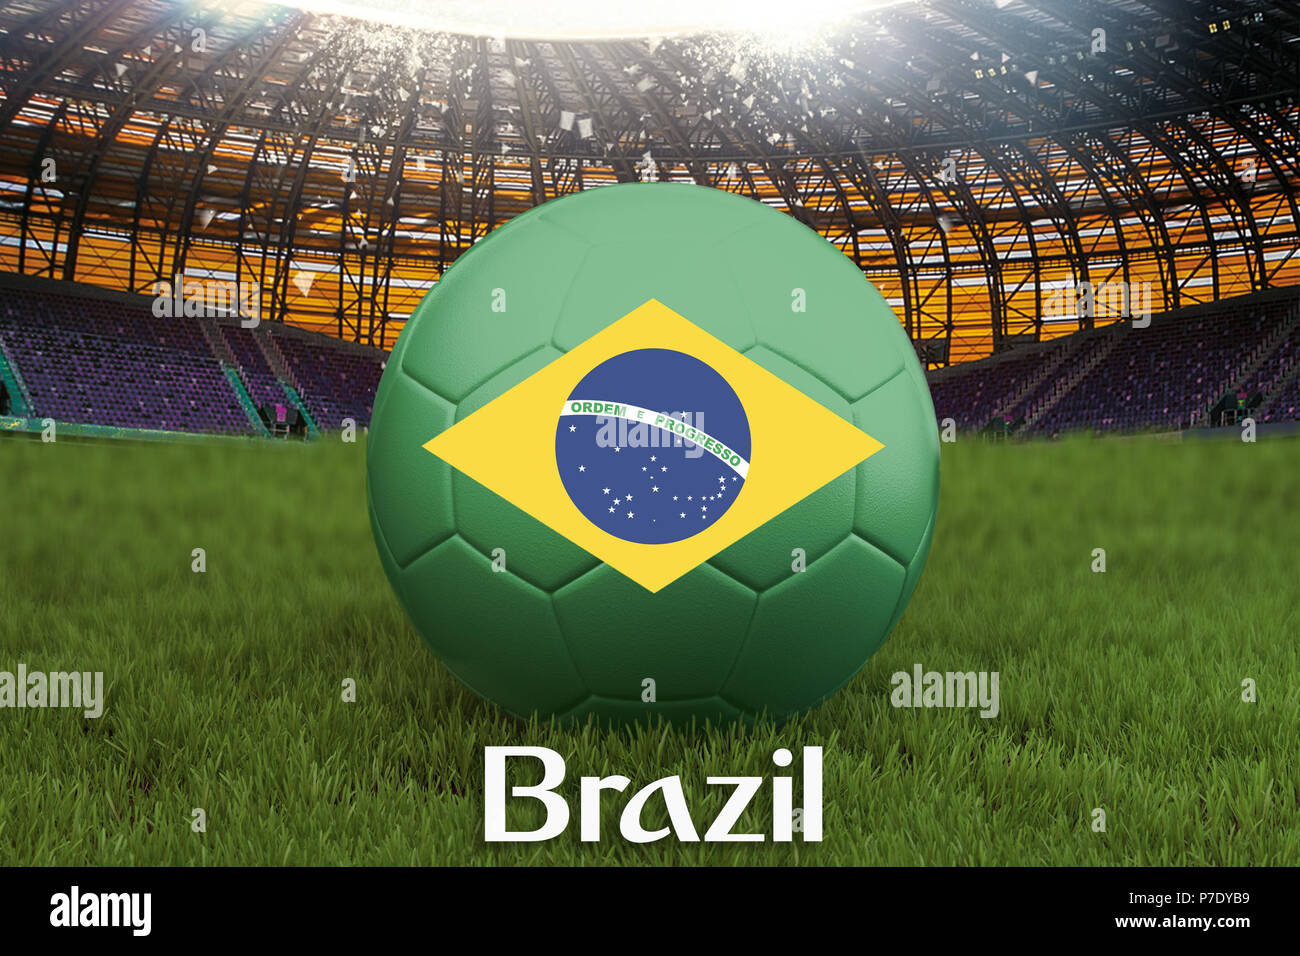 9d9ff89bb4f61 Selección brasileña de fútbol balón en gran estadio de fondo. Brasil Team  competencia concepto.